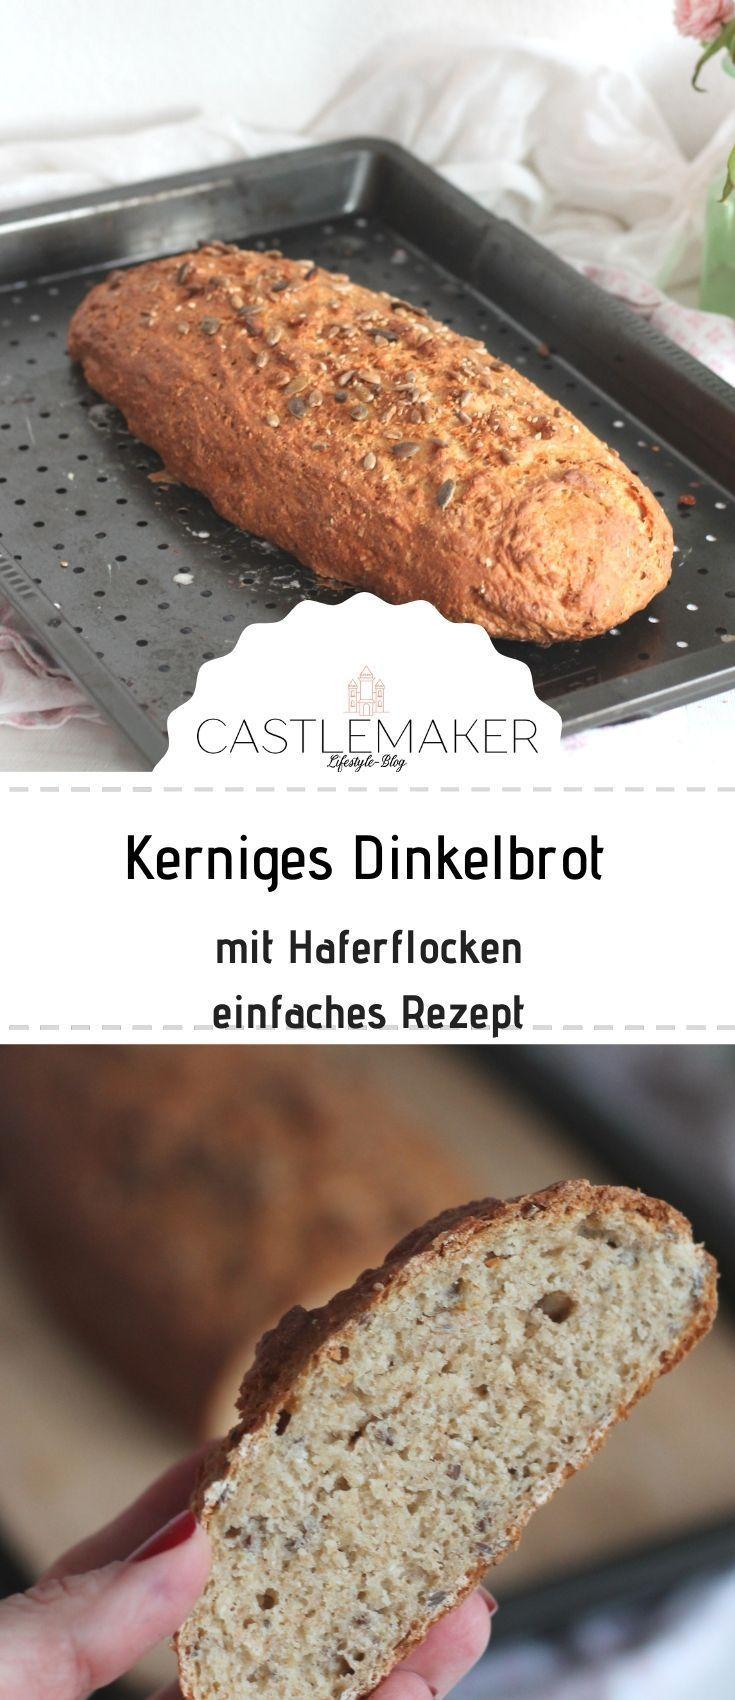 Kerniges Dinkelbrot mit Haferflocken – einfaches Brotrezept « CASTLEMAKER Lifestyle Blog